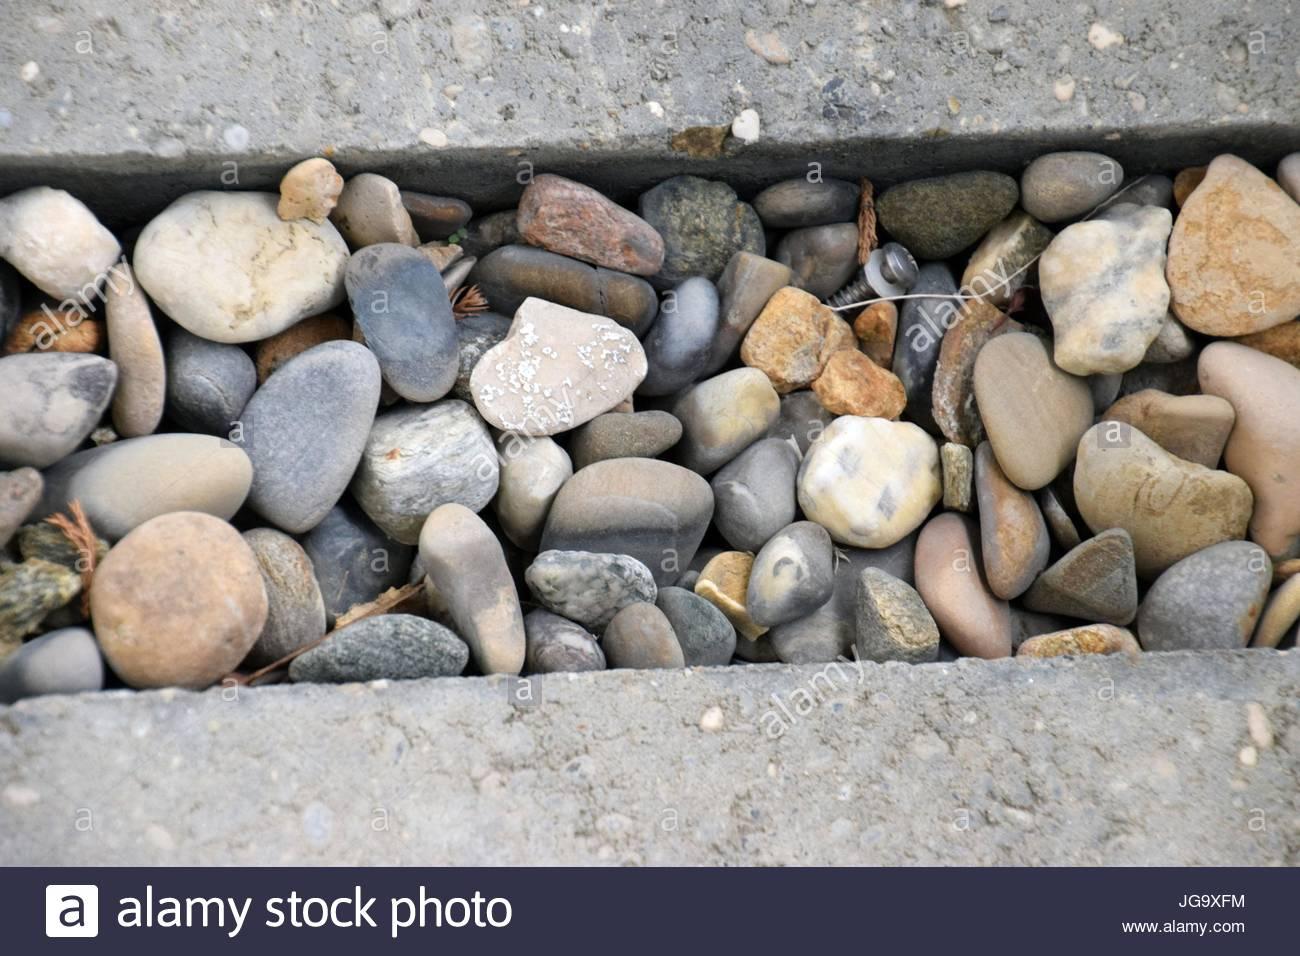 Wasserablauf mit Steine und Beton, scarico acqua con calcestruzzo e pietre Immagini Stock